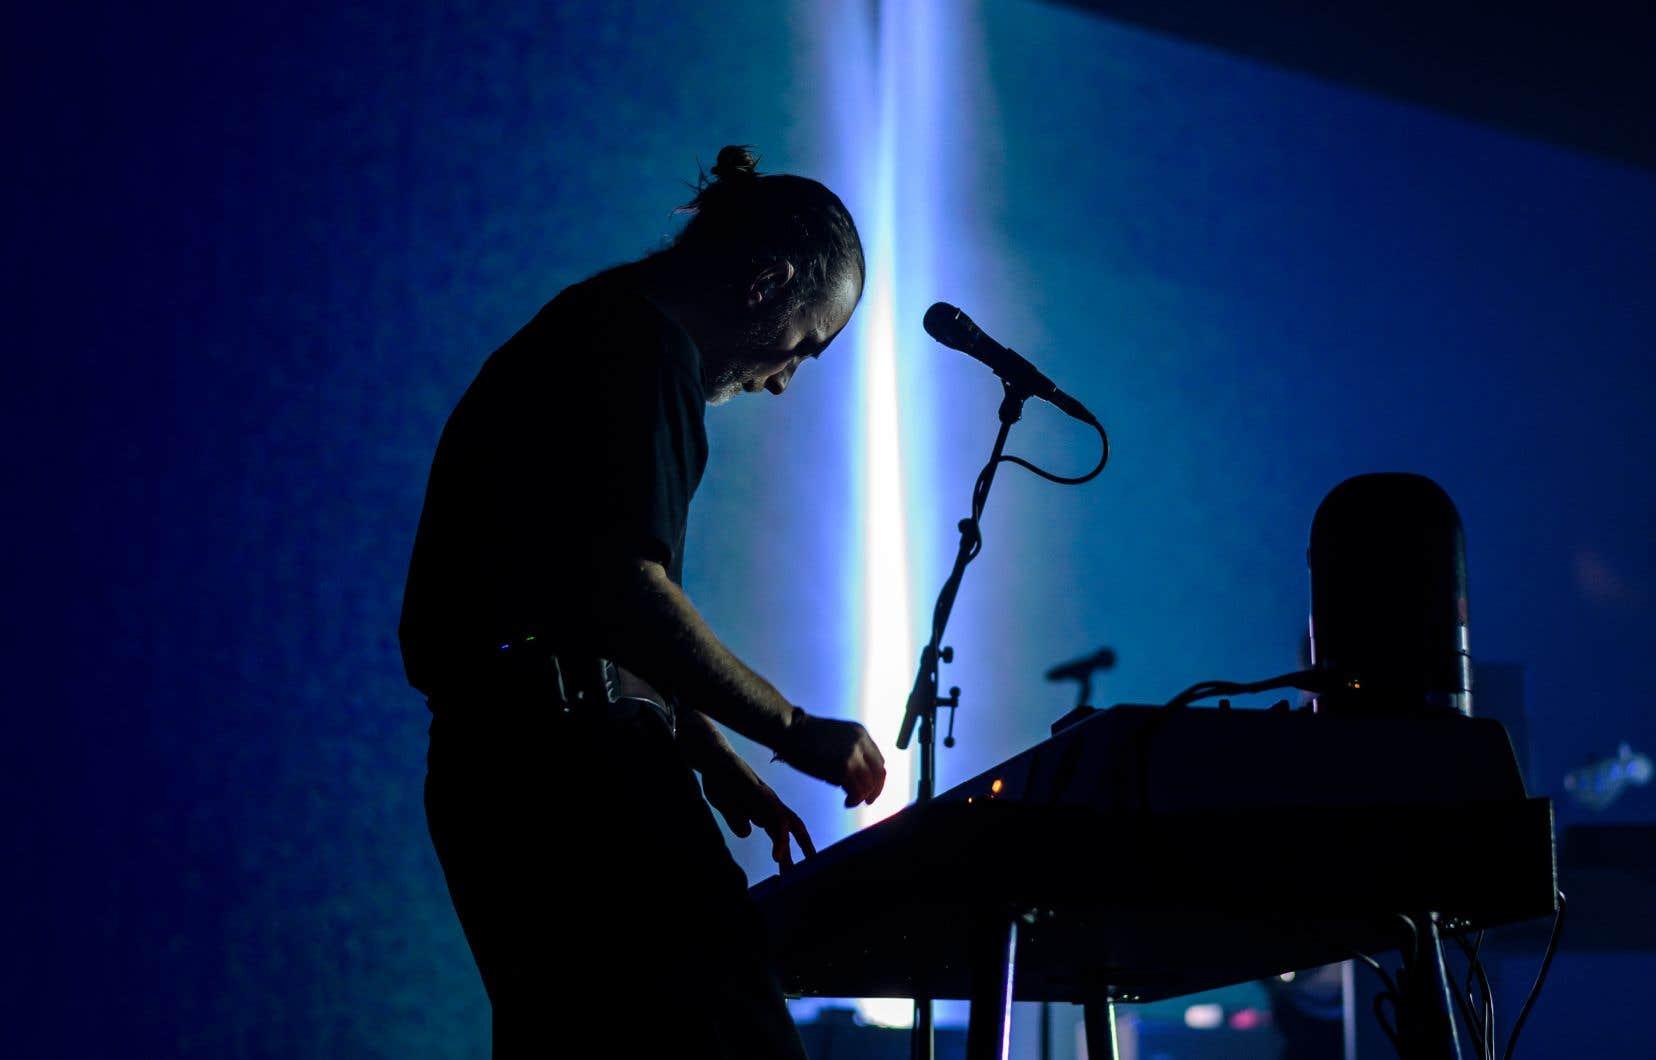 Hier soir, on sentait Thom Yorke (sur la photo au Montreux Jazz Festival, en Suisse)plus libre sur scène que lors de ses concerts avec Radiohead. Parfois une guitare au cou, sinon butinant derrière son poste de travail-établi à synthétiseurs, la plupart du temps arpentant la scène micro à la main.